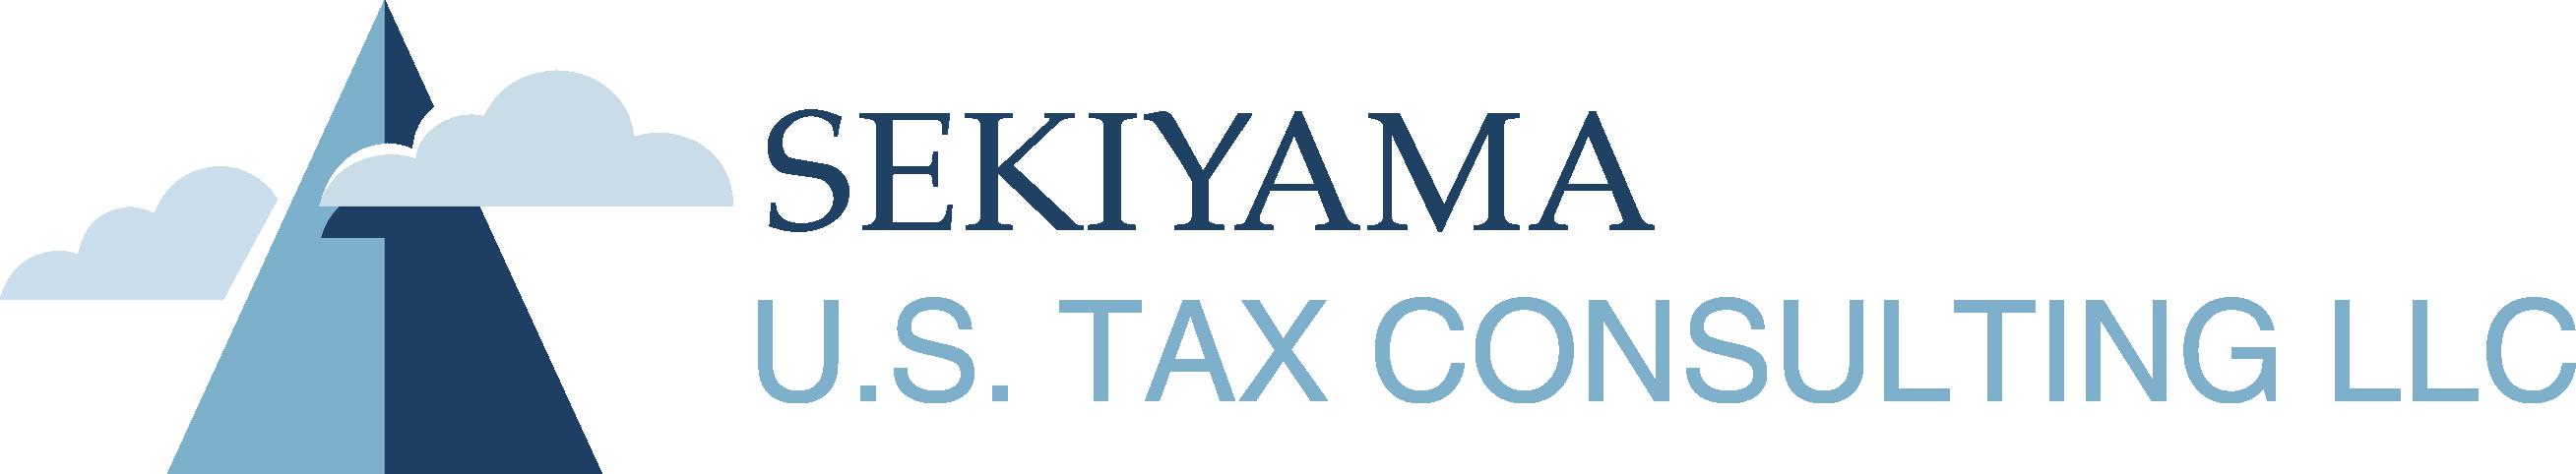 SEKIYAMA U.S. TAX CONSULTING LLC